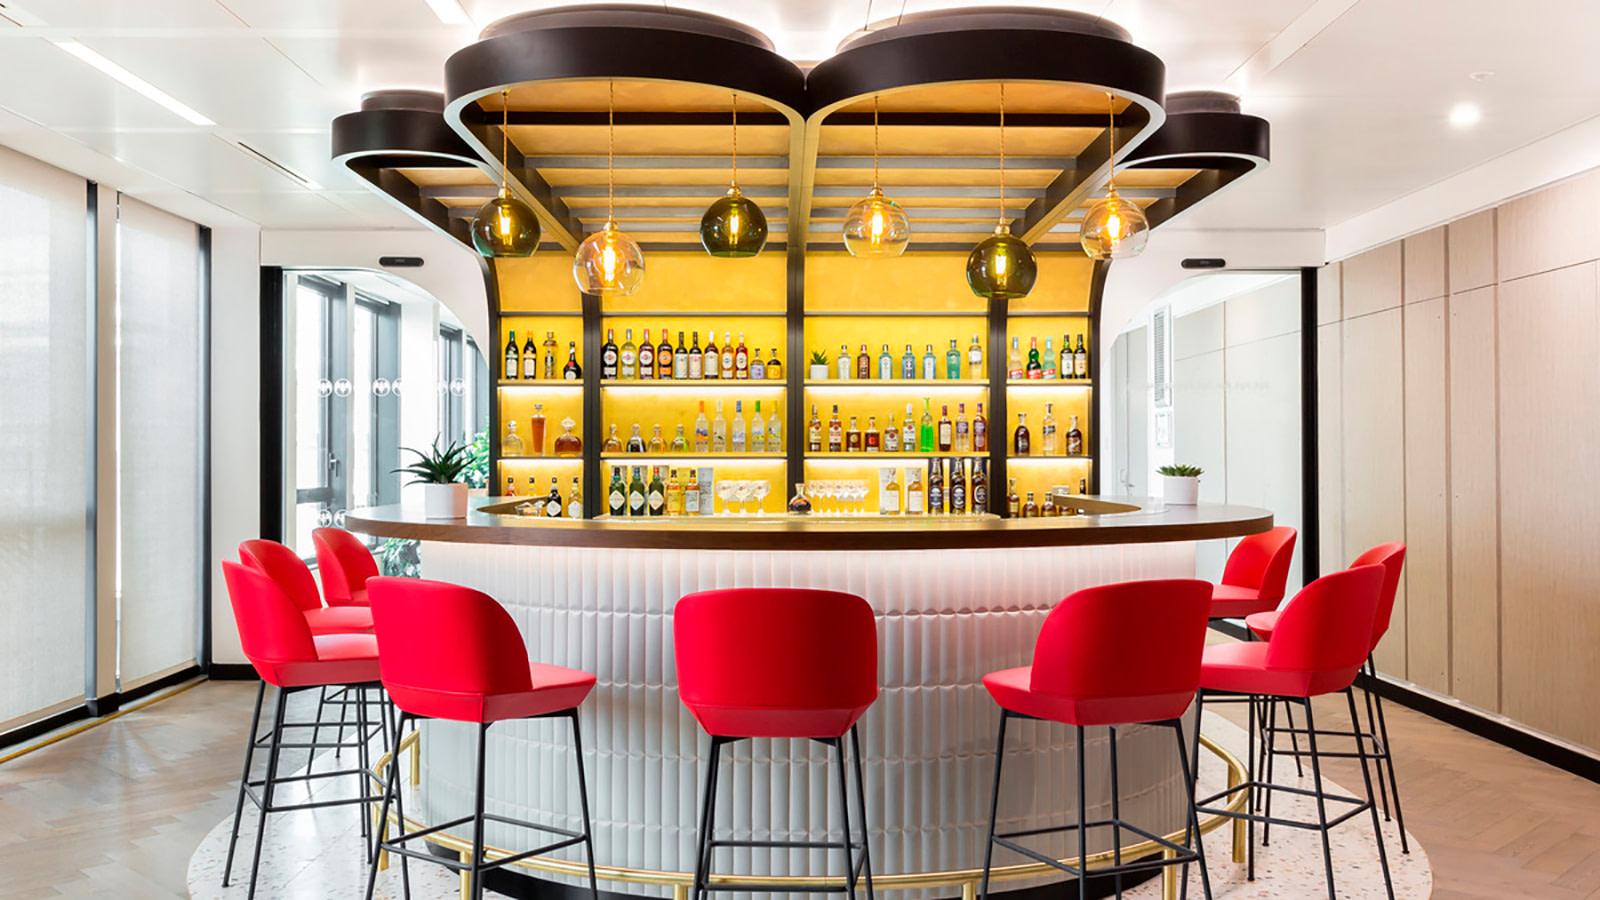 Bacardi bar space